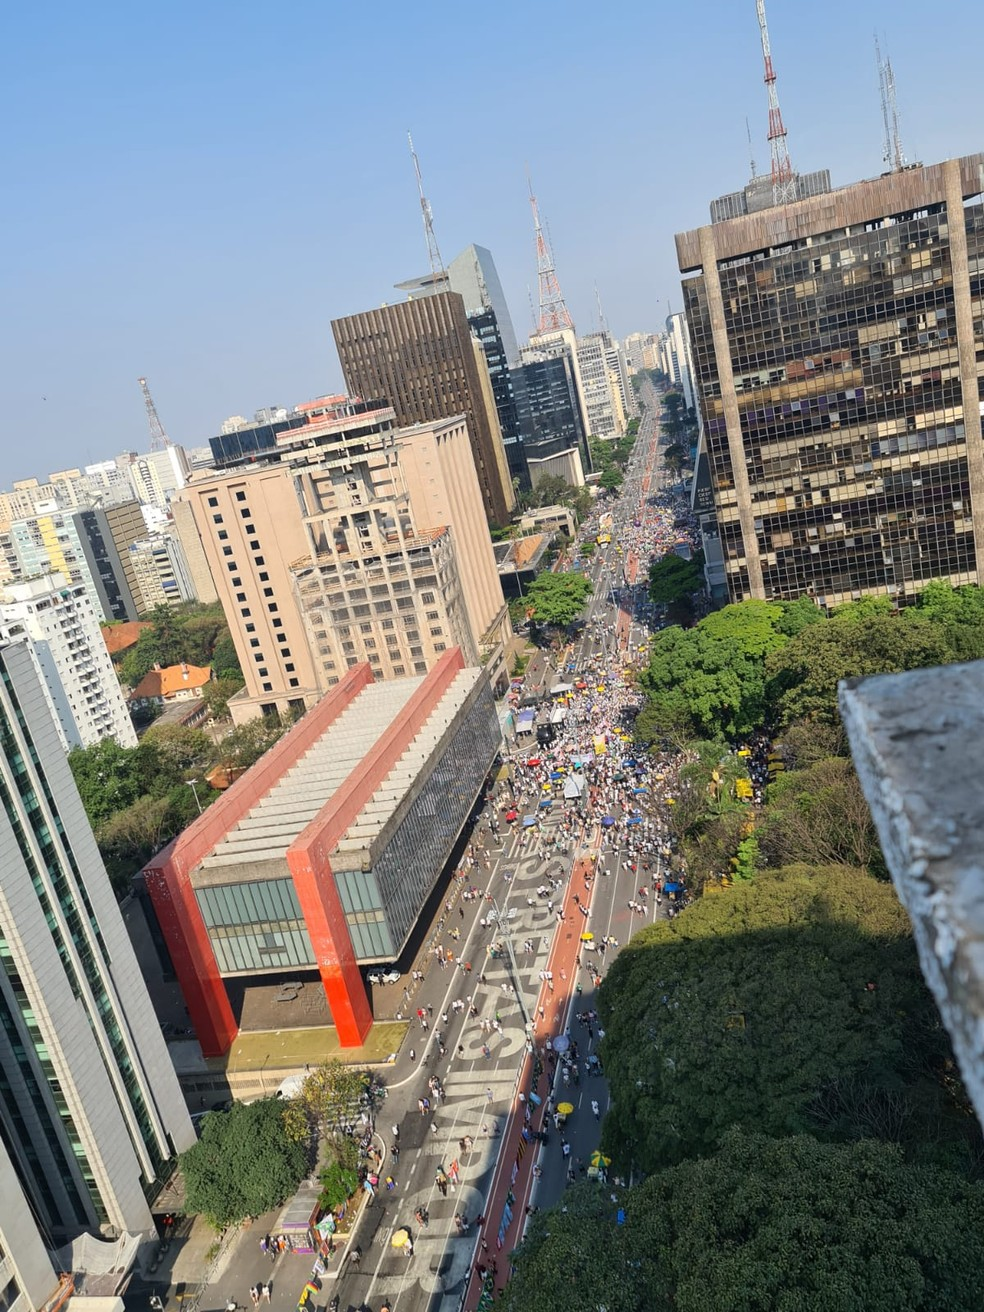 Foto aérea mostra manifestação na Av Paulista às 15h15 — Foto: Rosana Cerqueira/GloboNews